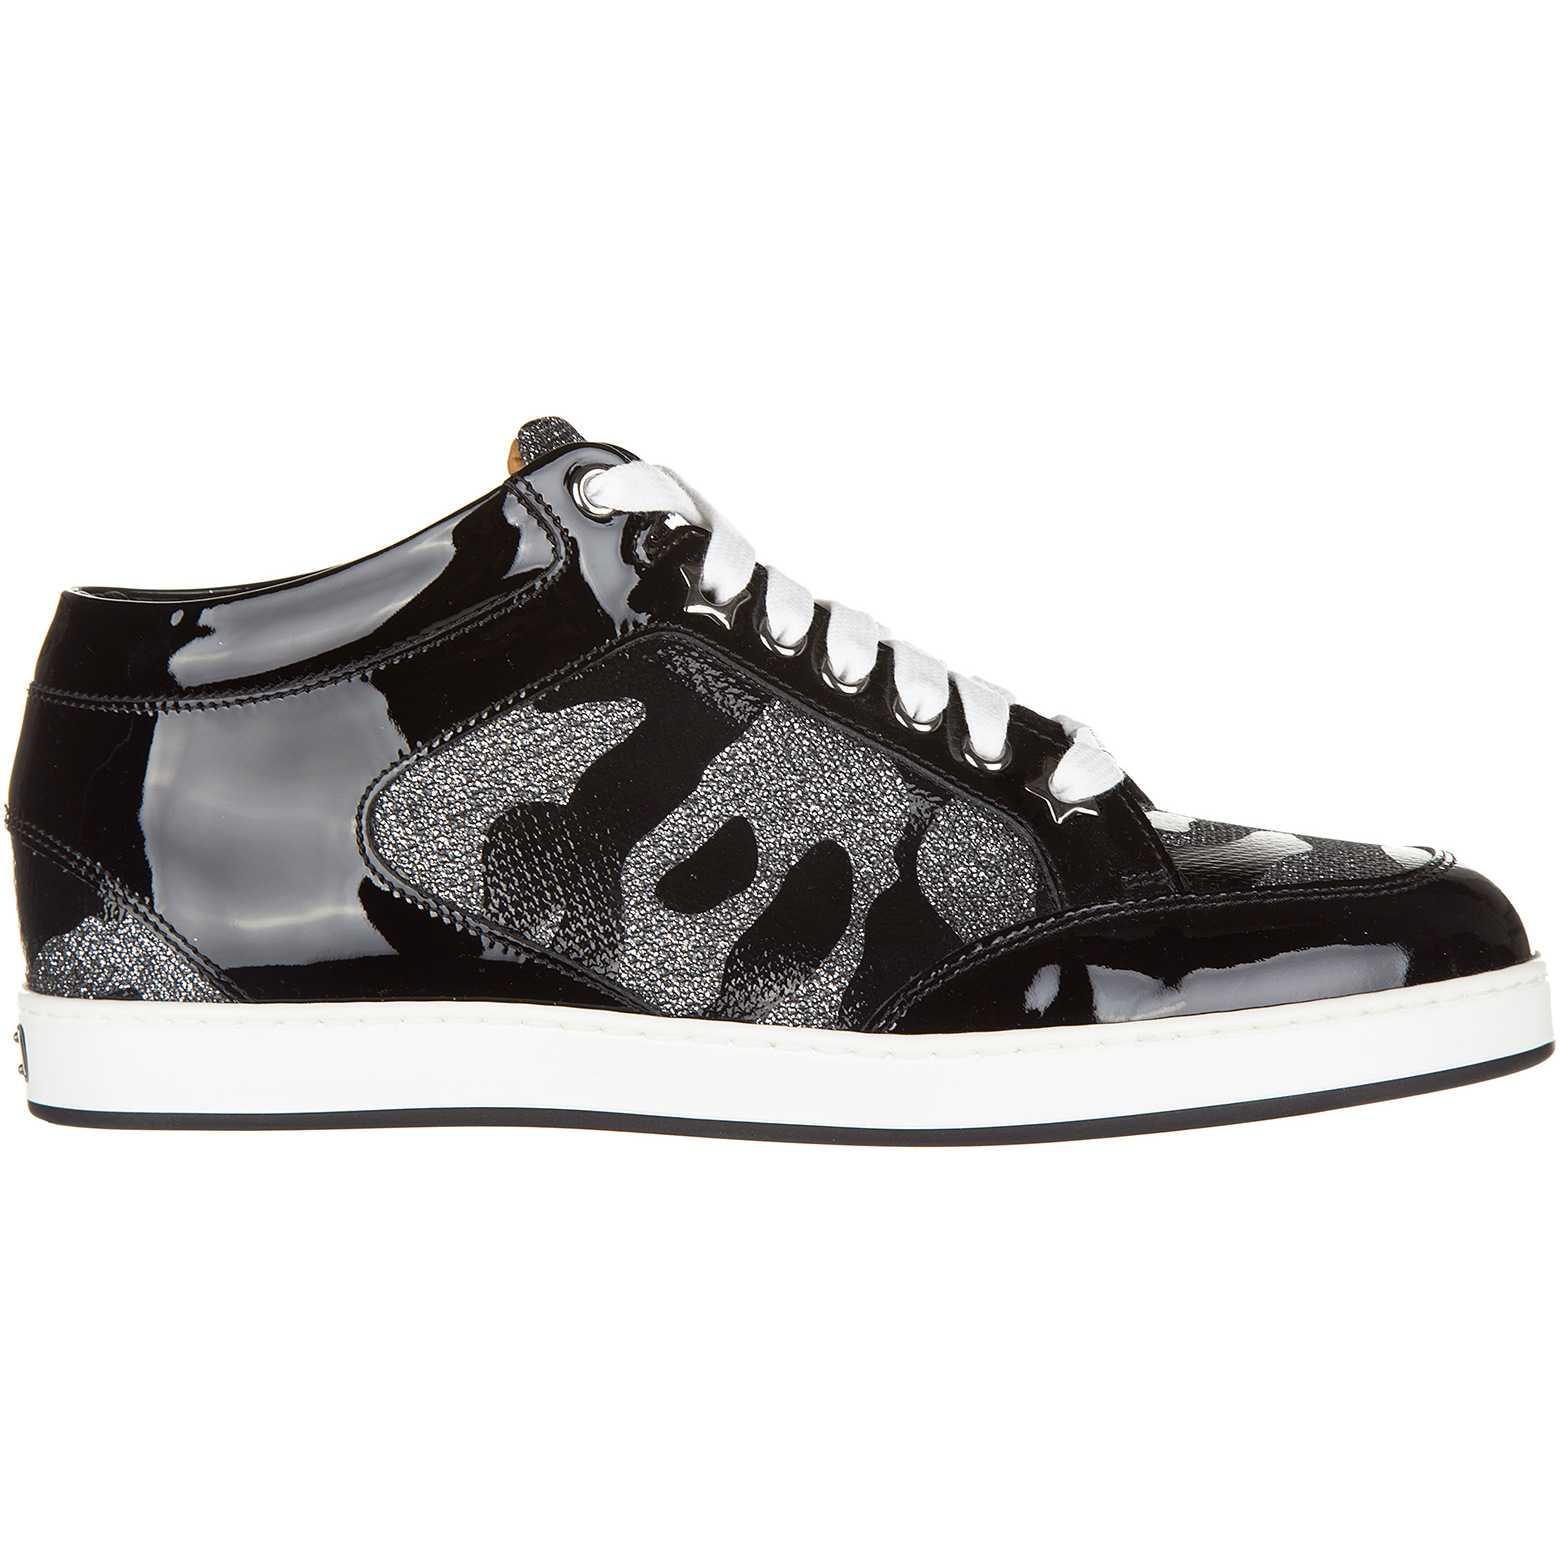 Jimmy Choo Trainers Sneakers Black pentru femei